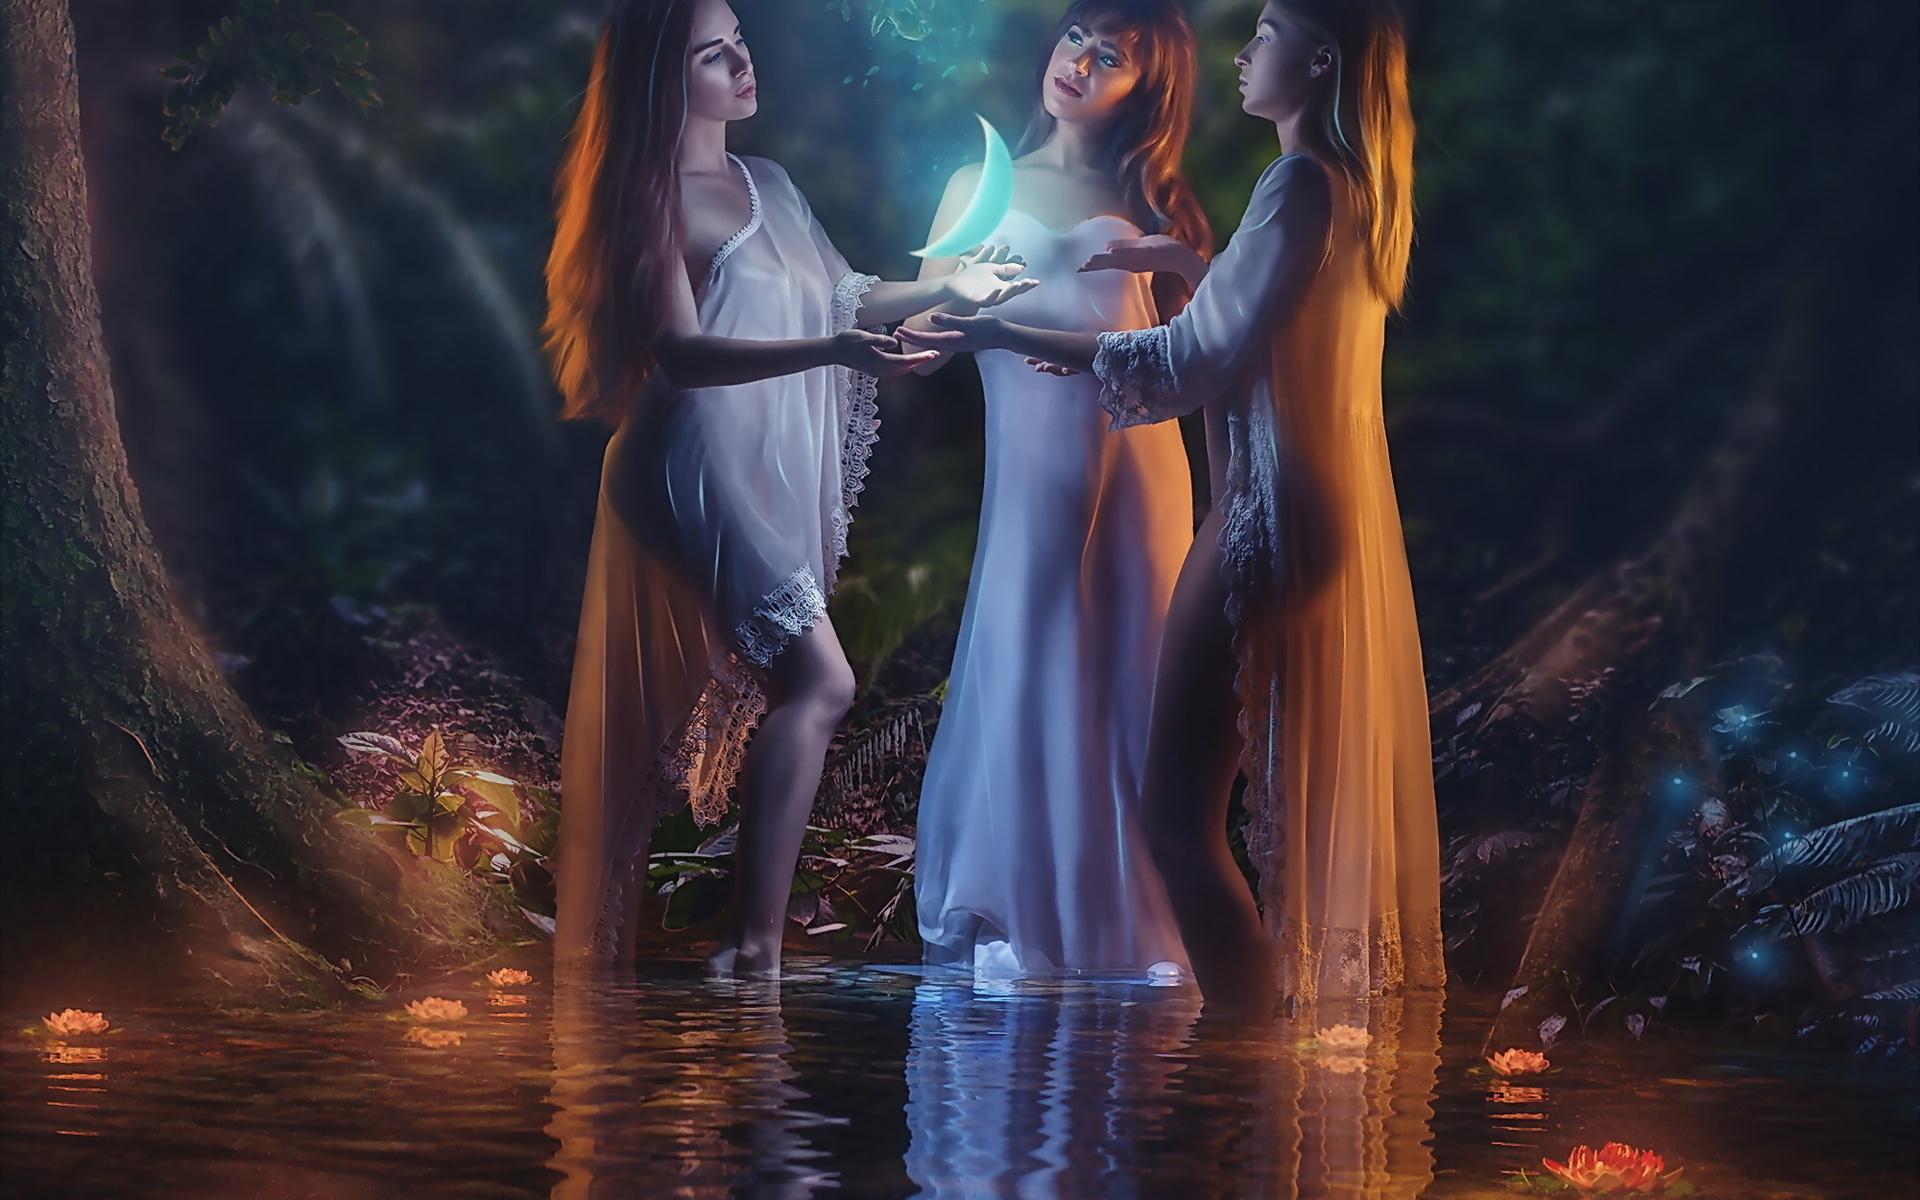 девушки, таинство, вода, волшебство